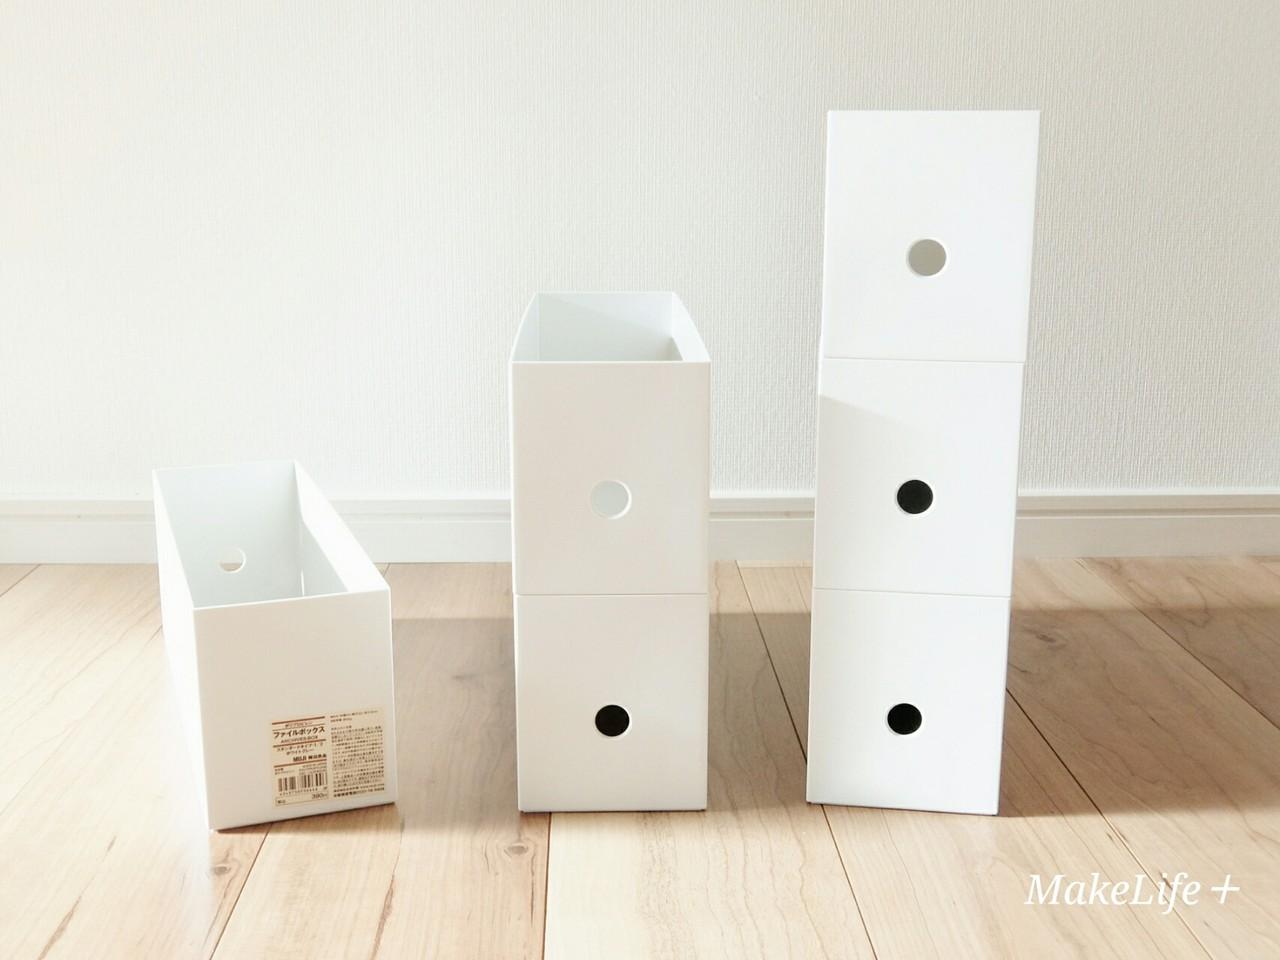 ポリプロピレン頑丈収納ボックス。 IKEAのハンガーラックの下に置いてます。 ラックは高さがあるので下の部分を収納スペースに。